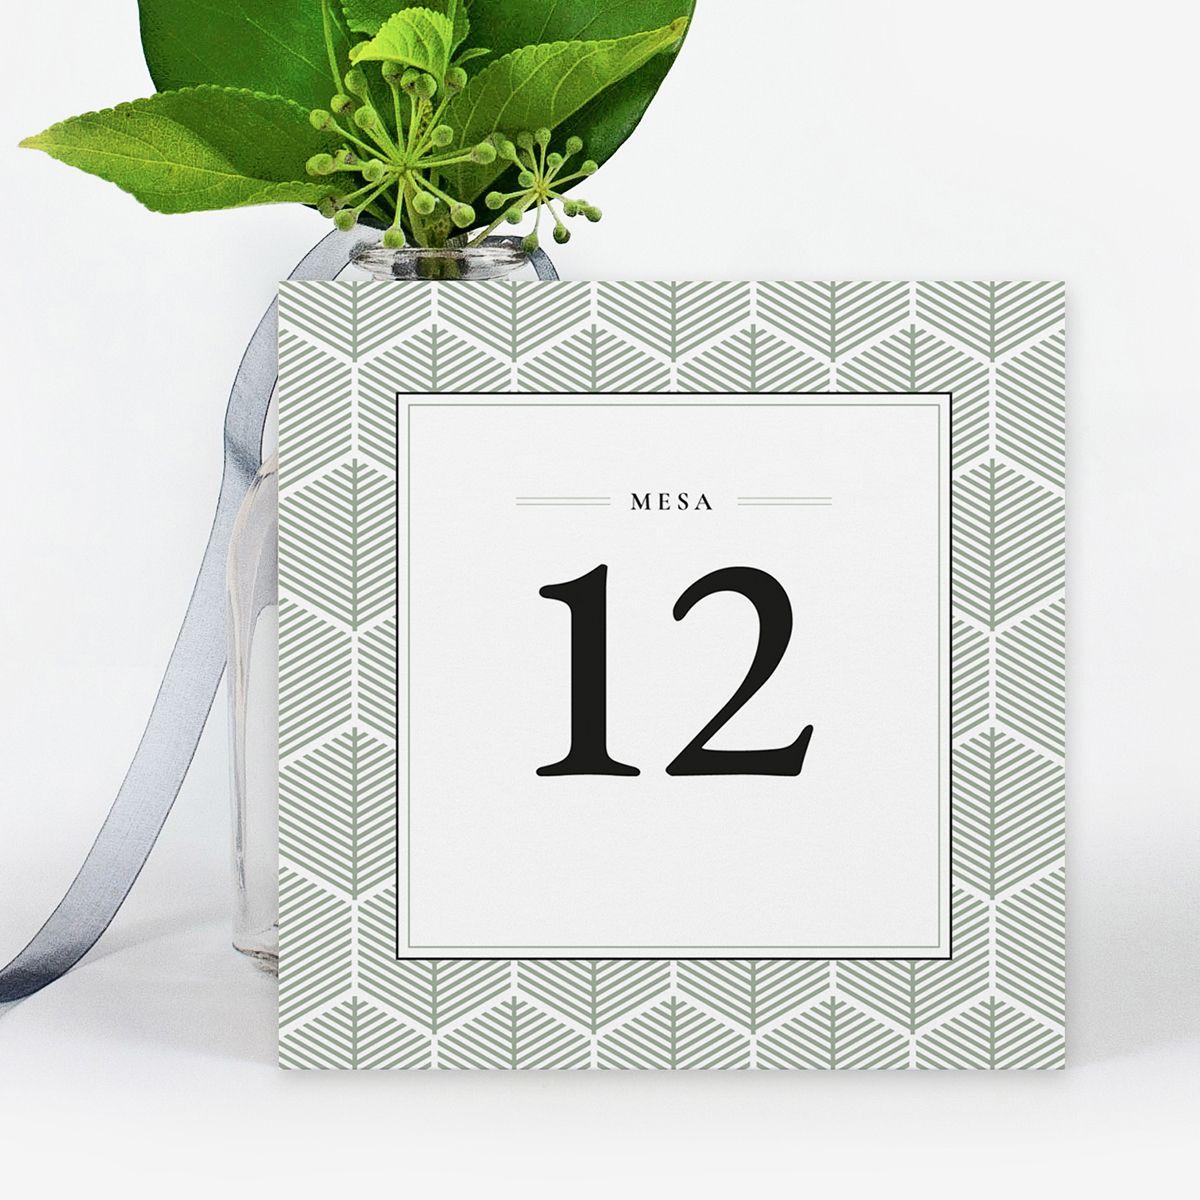 Número mesa boda Reims Verde